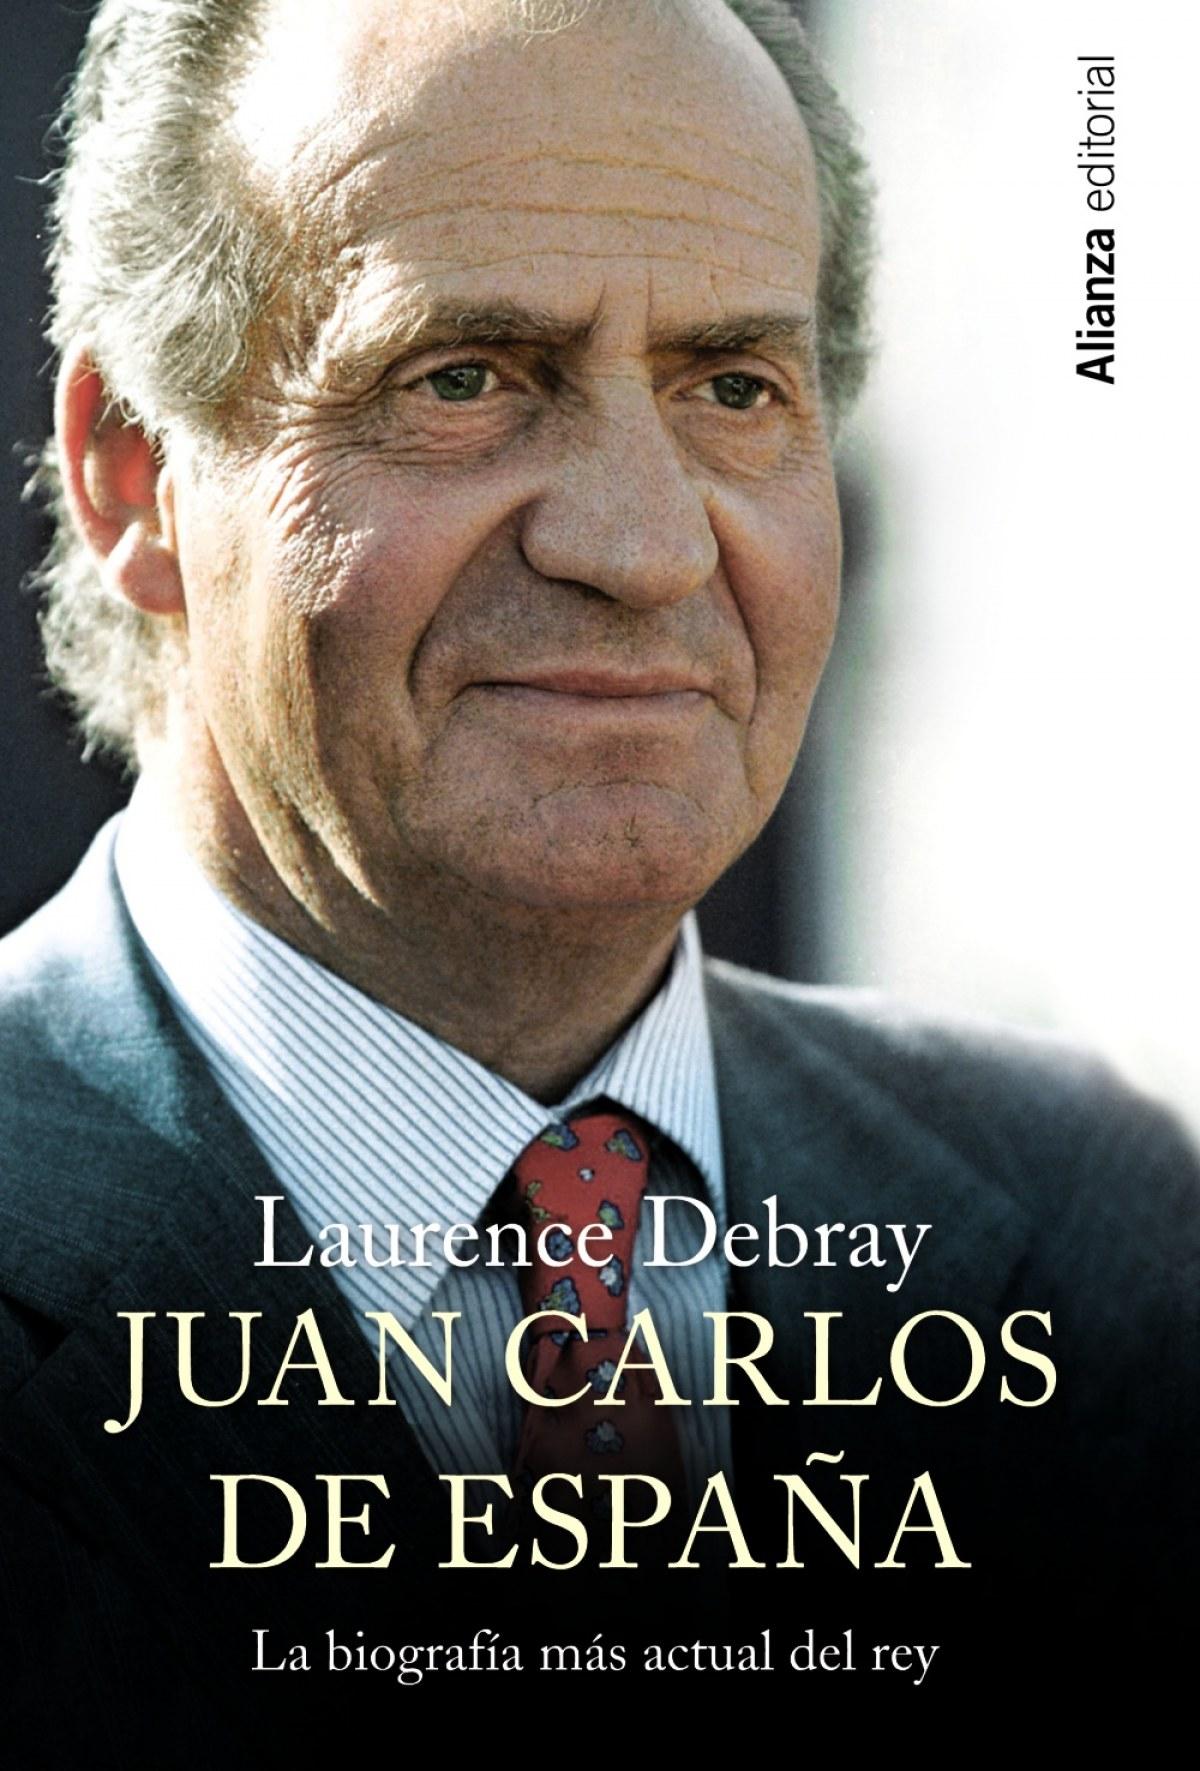 Juan Carlos de España: la biograf¡a más actual del Rey 9788420690780